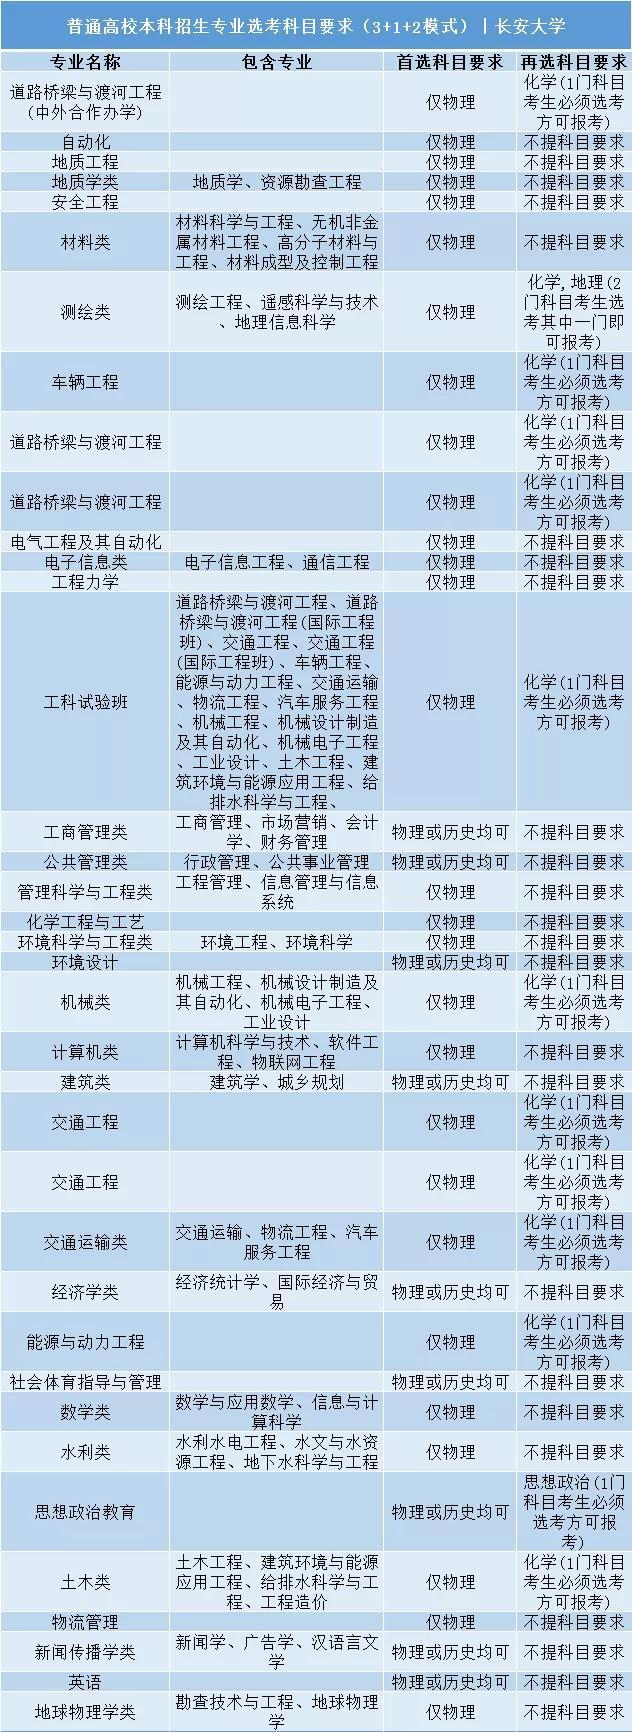 长安大学普通高校本科招生专业选考科目要求